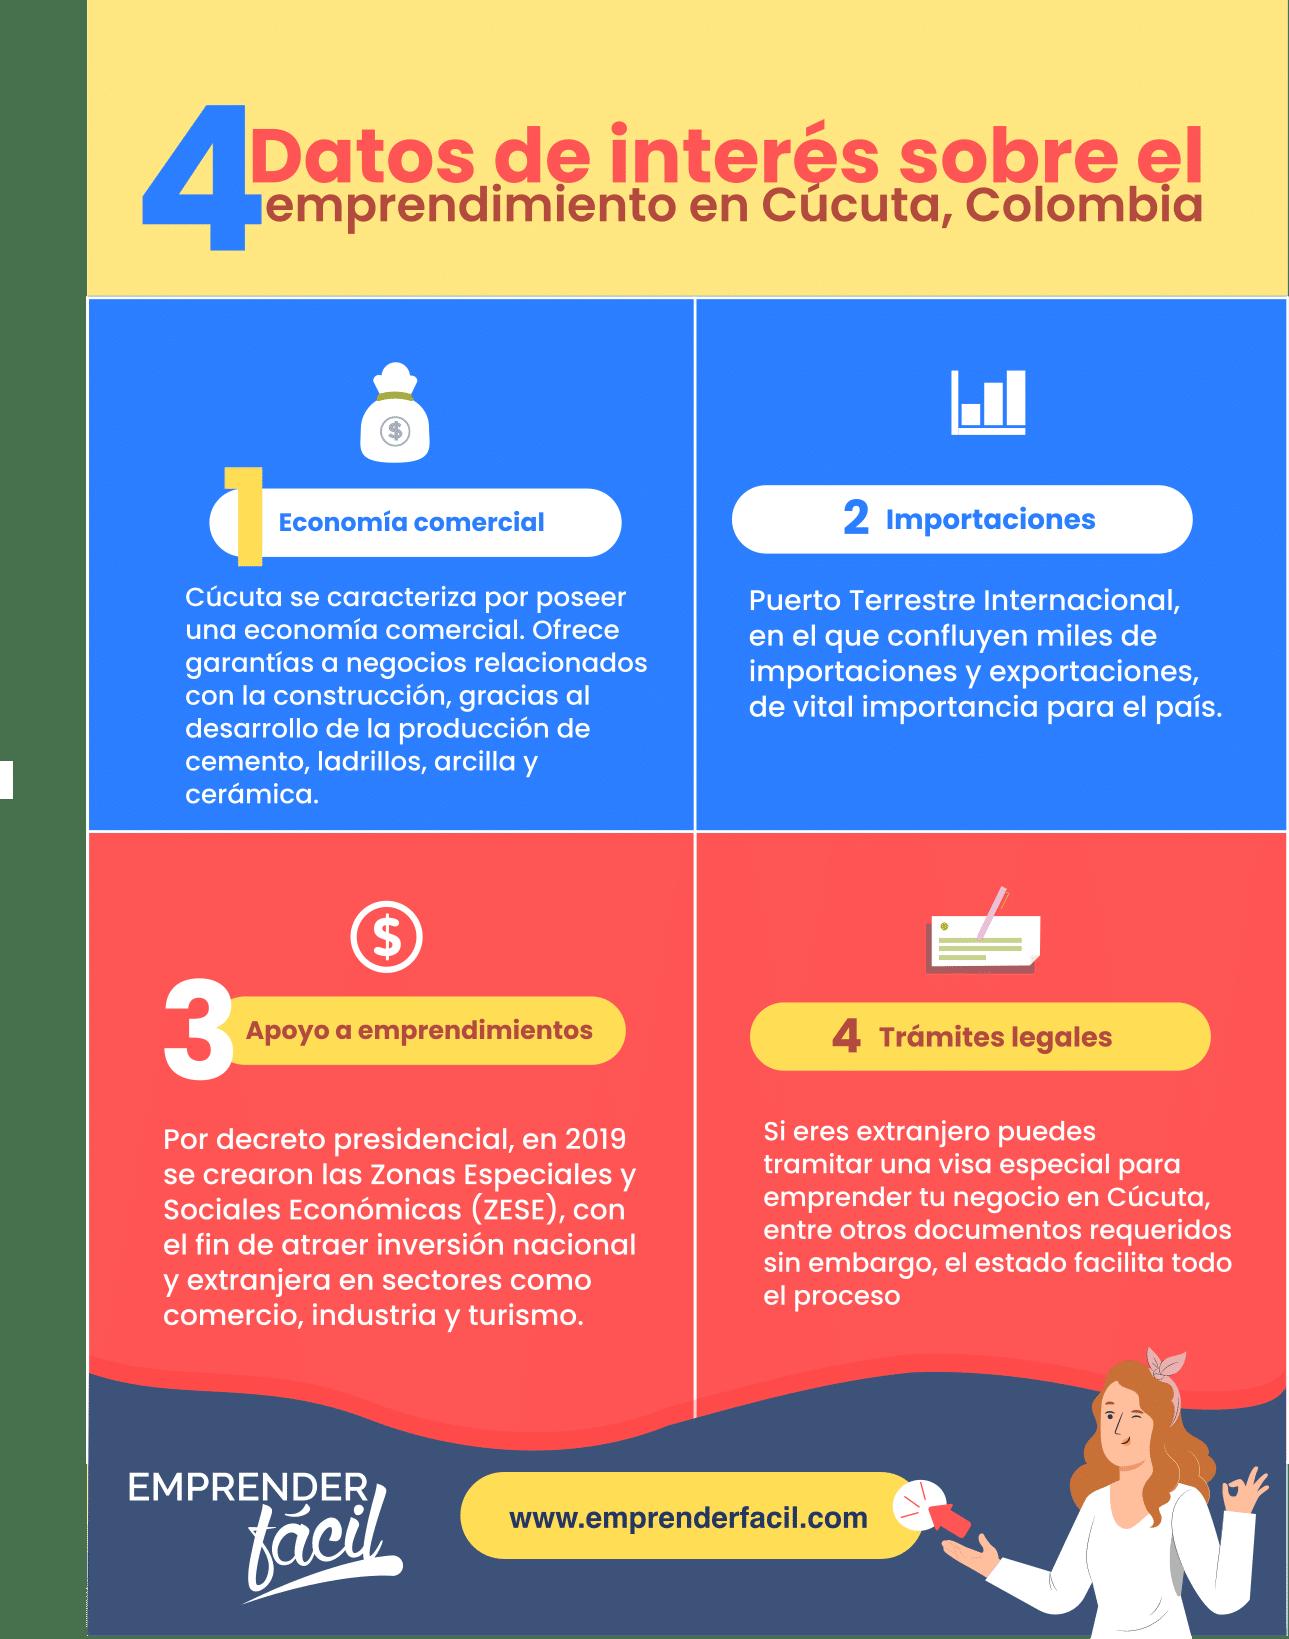 Datos relevantes sobre la economía y el emprendimiento en Cúcuta.